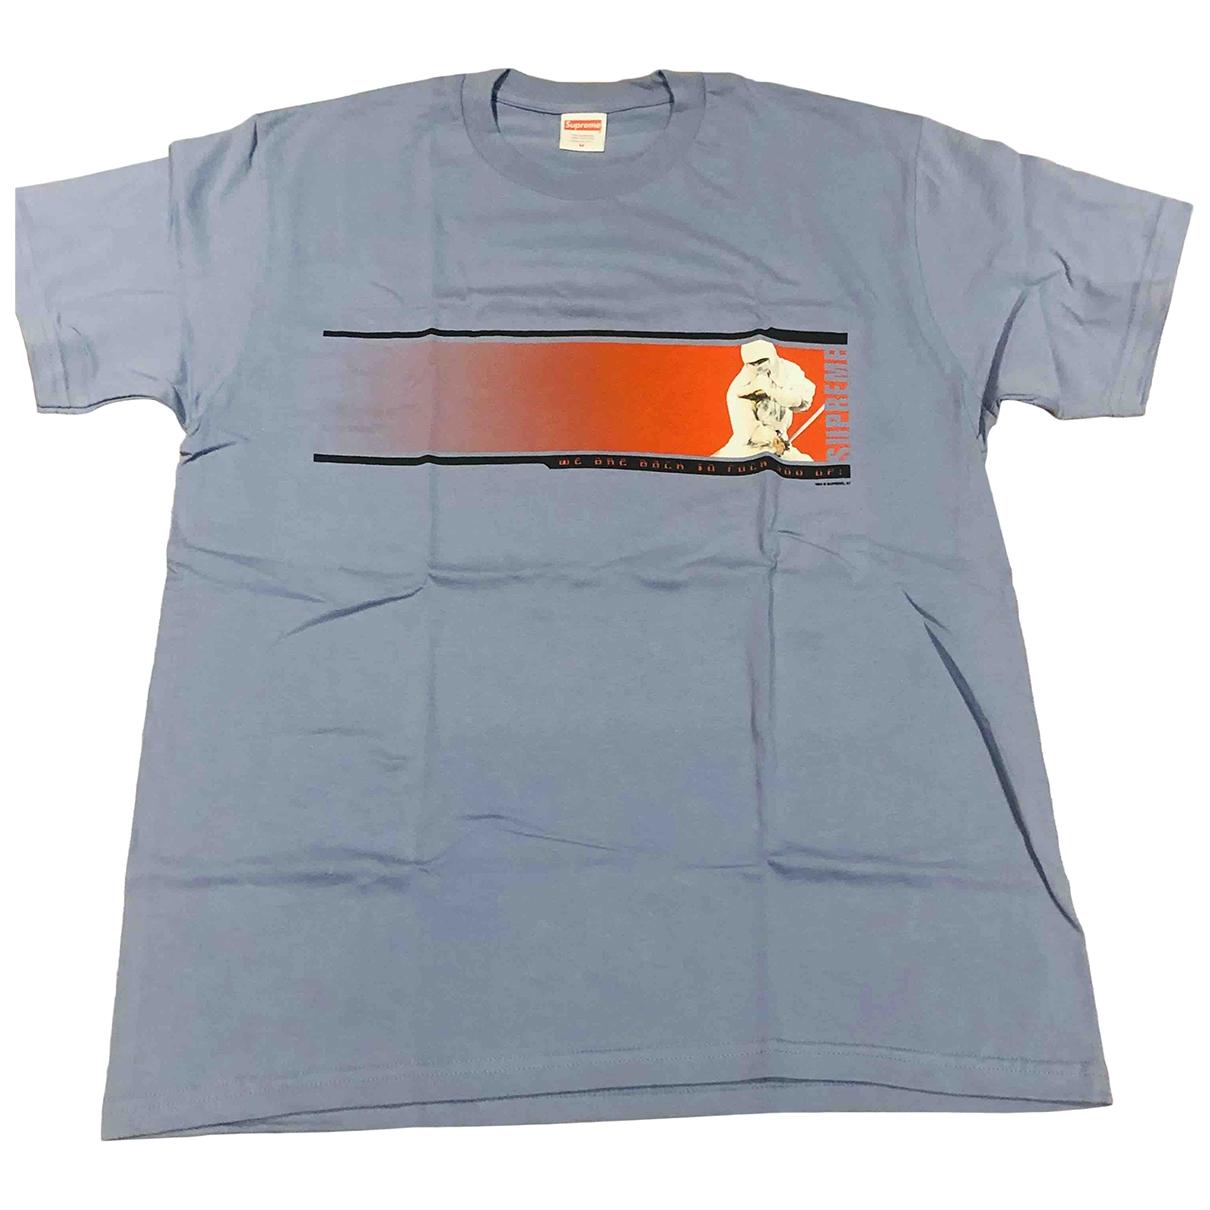 Supreme - Tee shirts   pour homme en coton - turquoise